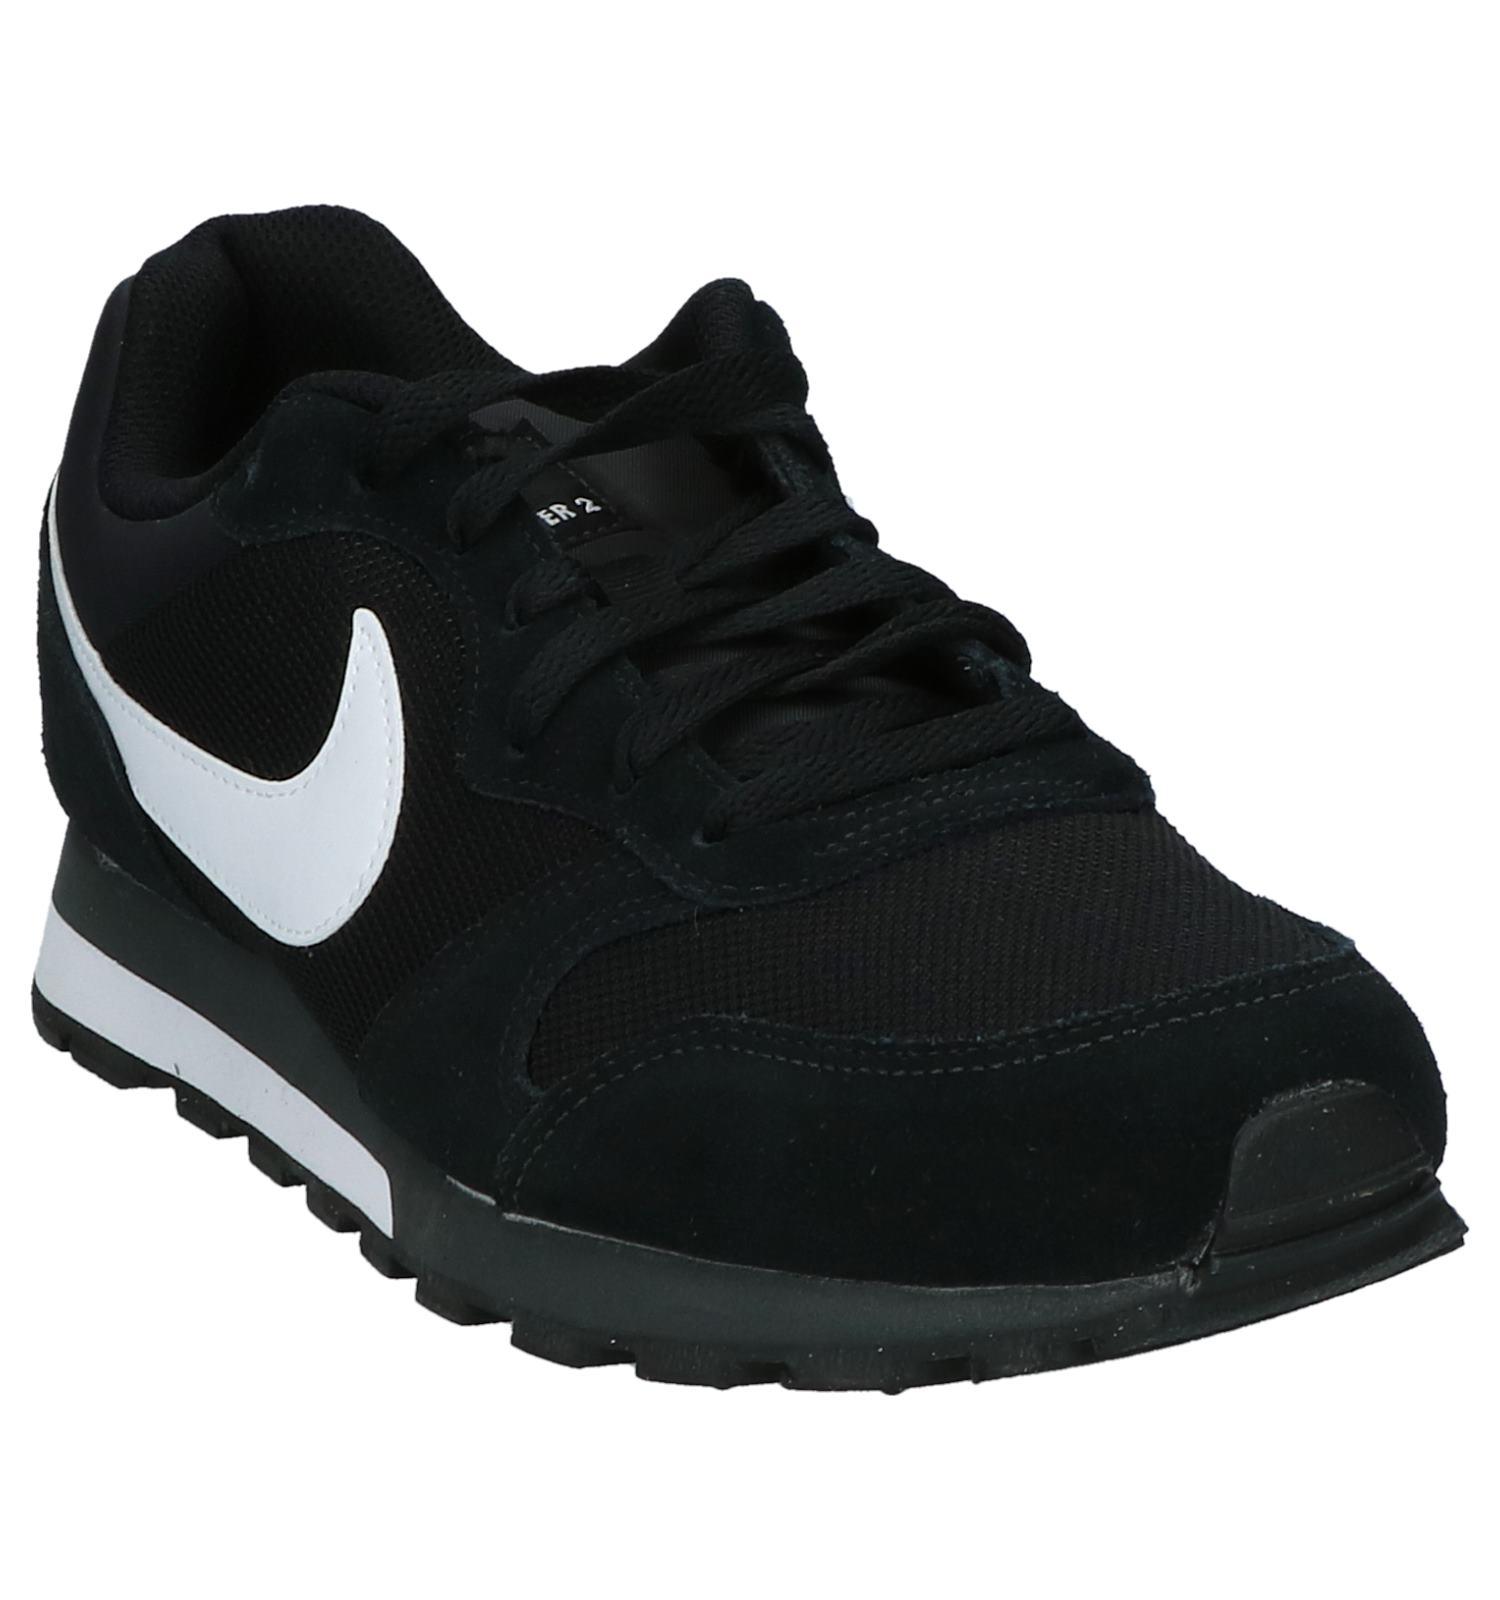 huge selection of 4aa6c a8b12 Zwarte Lage Sneakers Nike MD Runner 2   TORFS.BE   Gratis verzend en retour